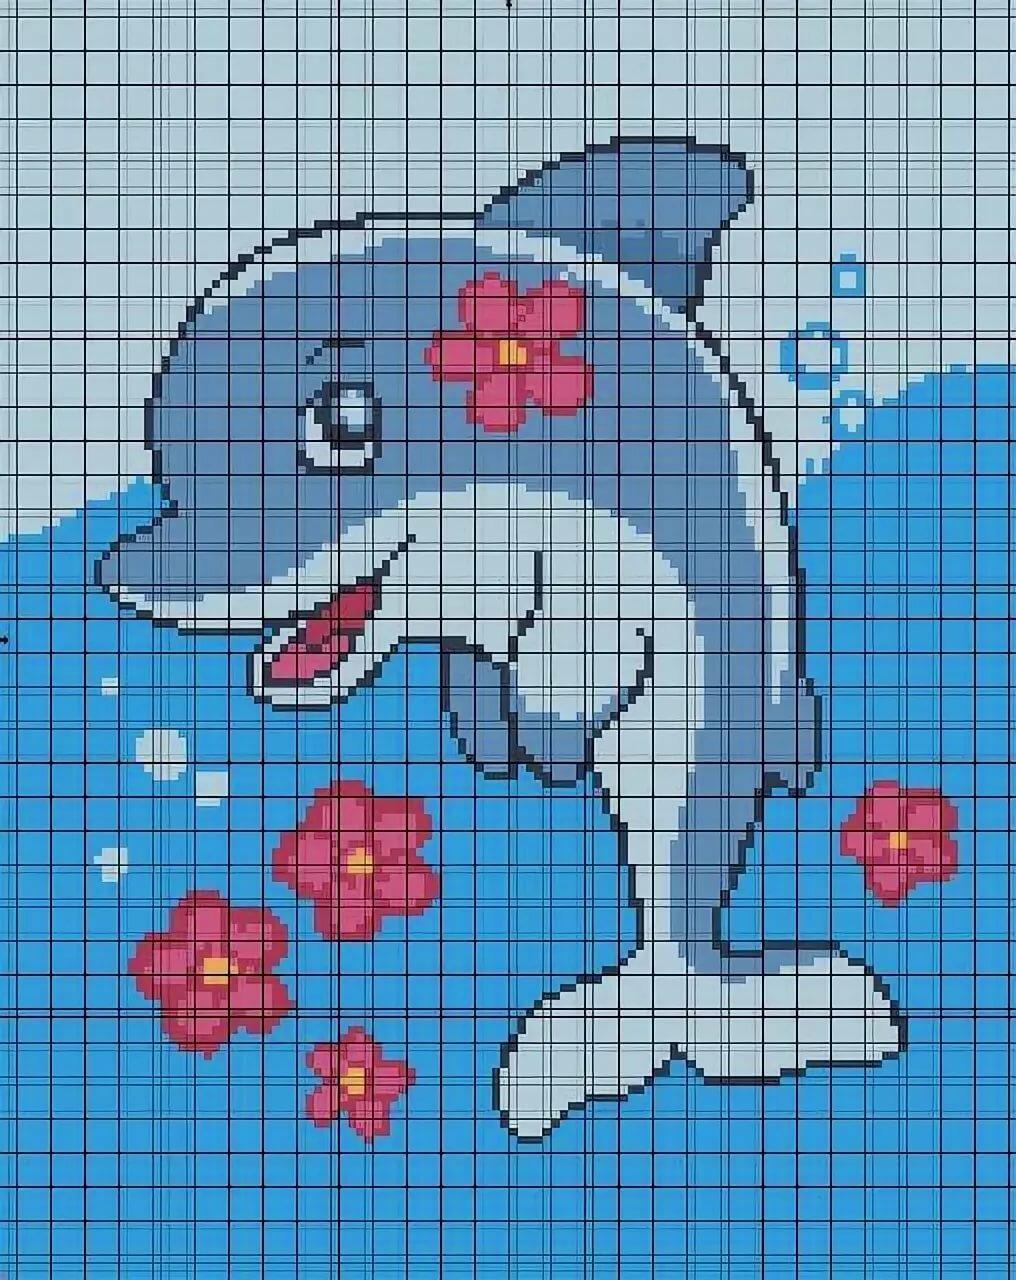 картинки по клеткам дельфин высококачественного спандекса